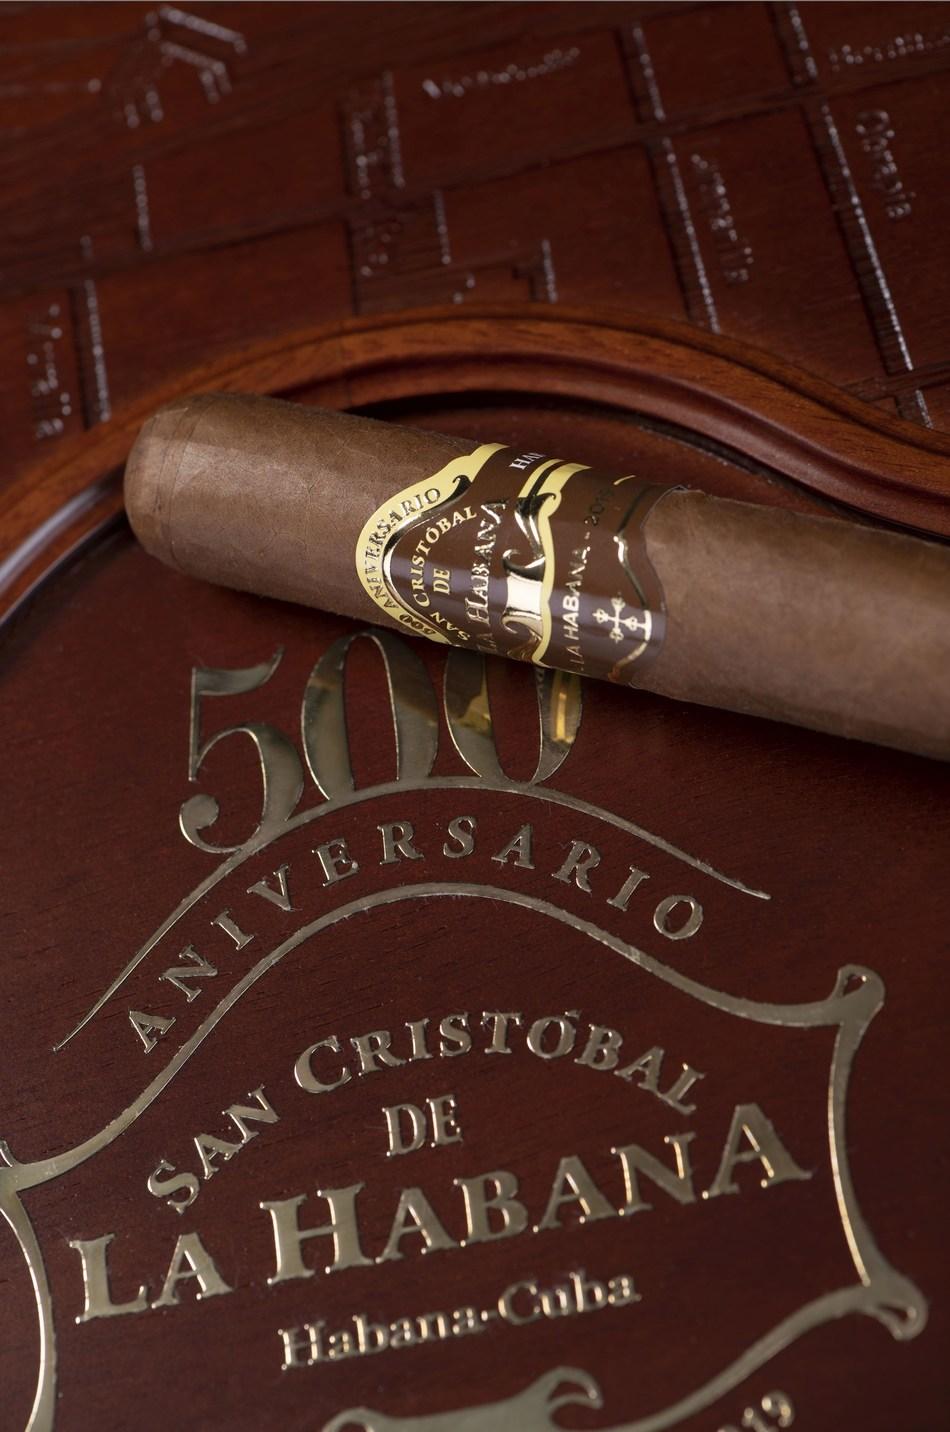 Vitola de San Cristobal de La Habana (500 aniversario) / Vitola of San Cristobal de La Habana (500th anniversary) (PRNewsfoto/HABANOS SA)